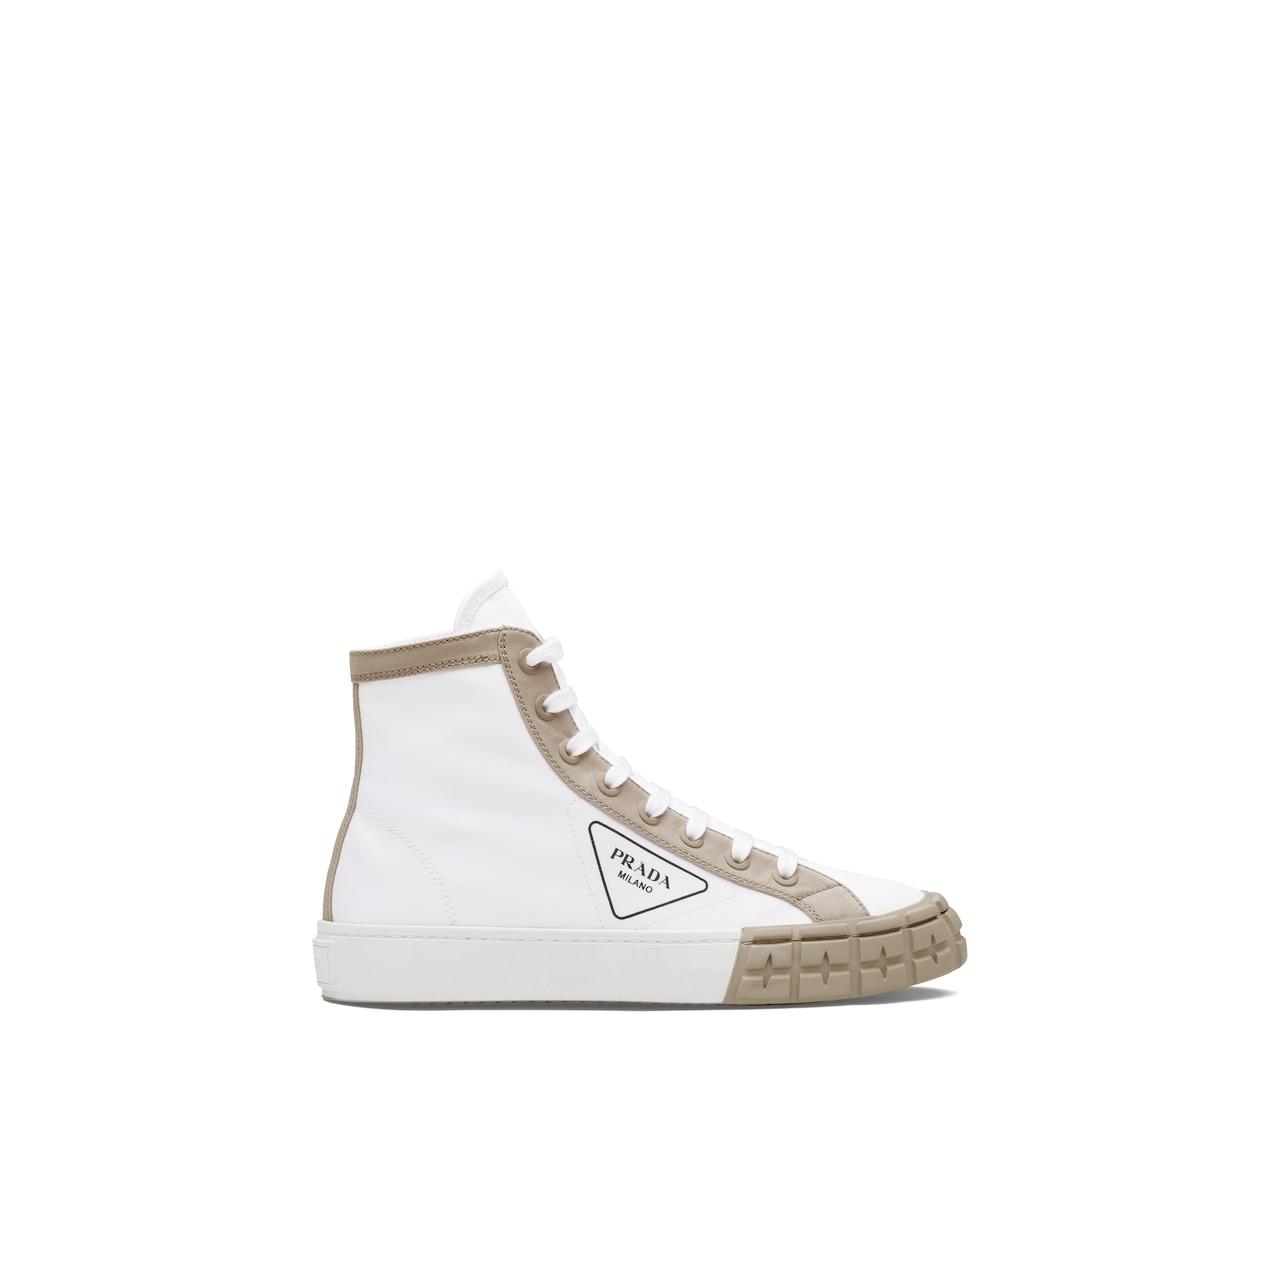 Prada 华达呢运动鞋 3